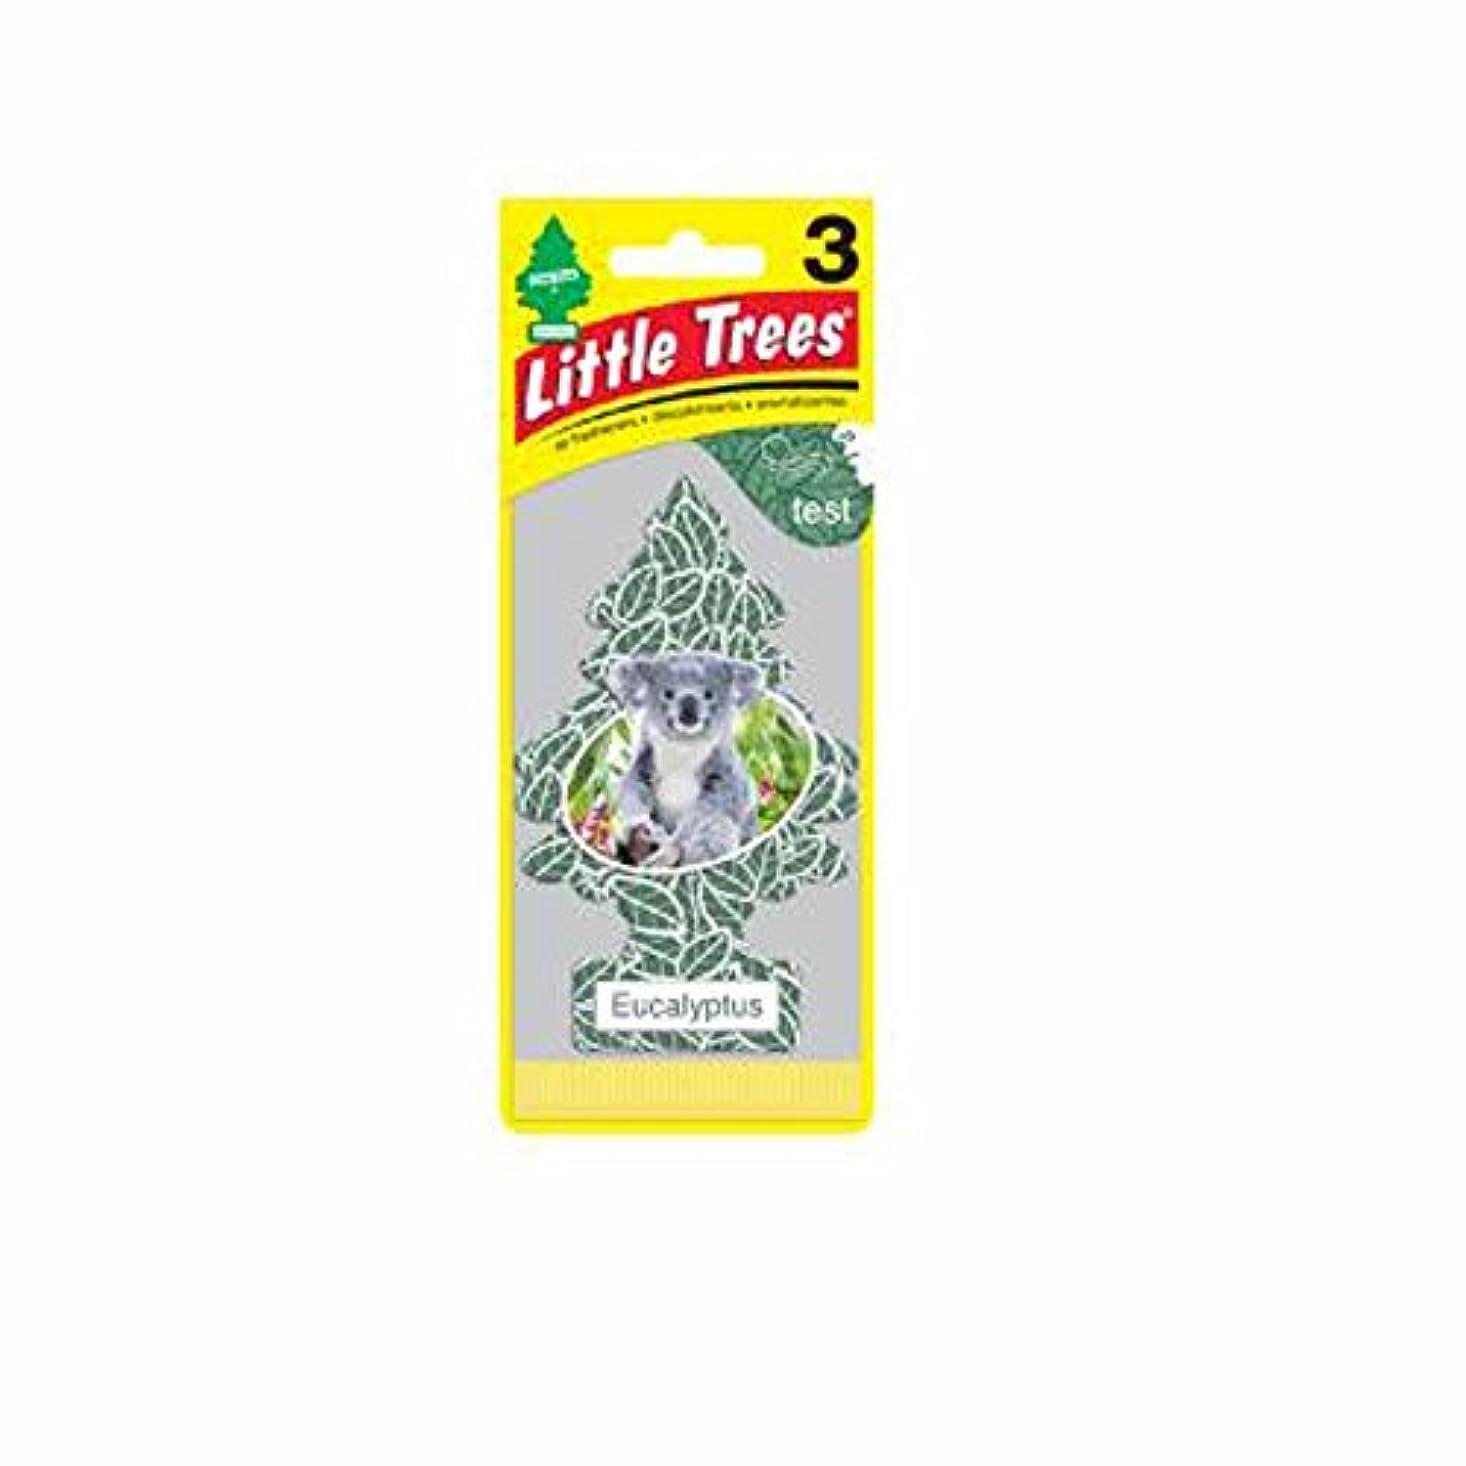 パッド発言する宣伝Little Trees 吊下げタイプ エアーフレッシュナー eucalyptus(ユーカリ) 3枚セット(3P) U3S-37365